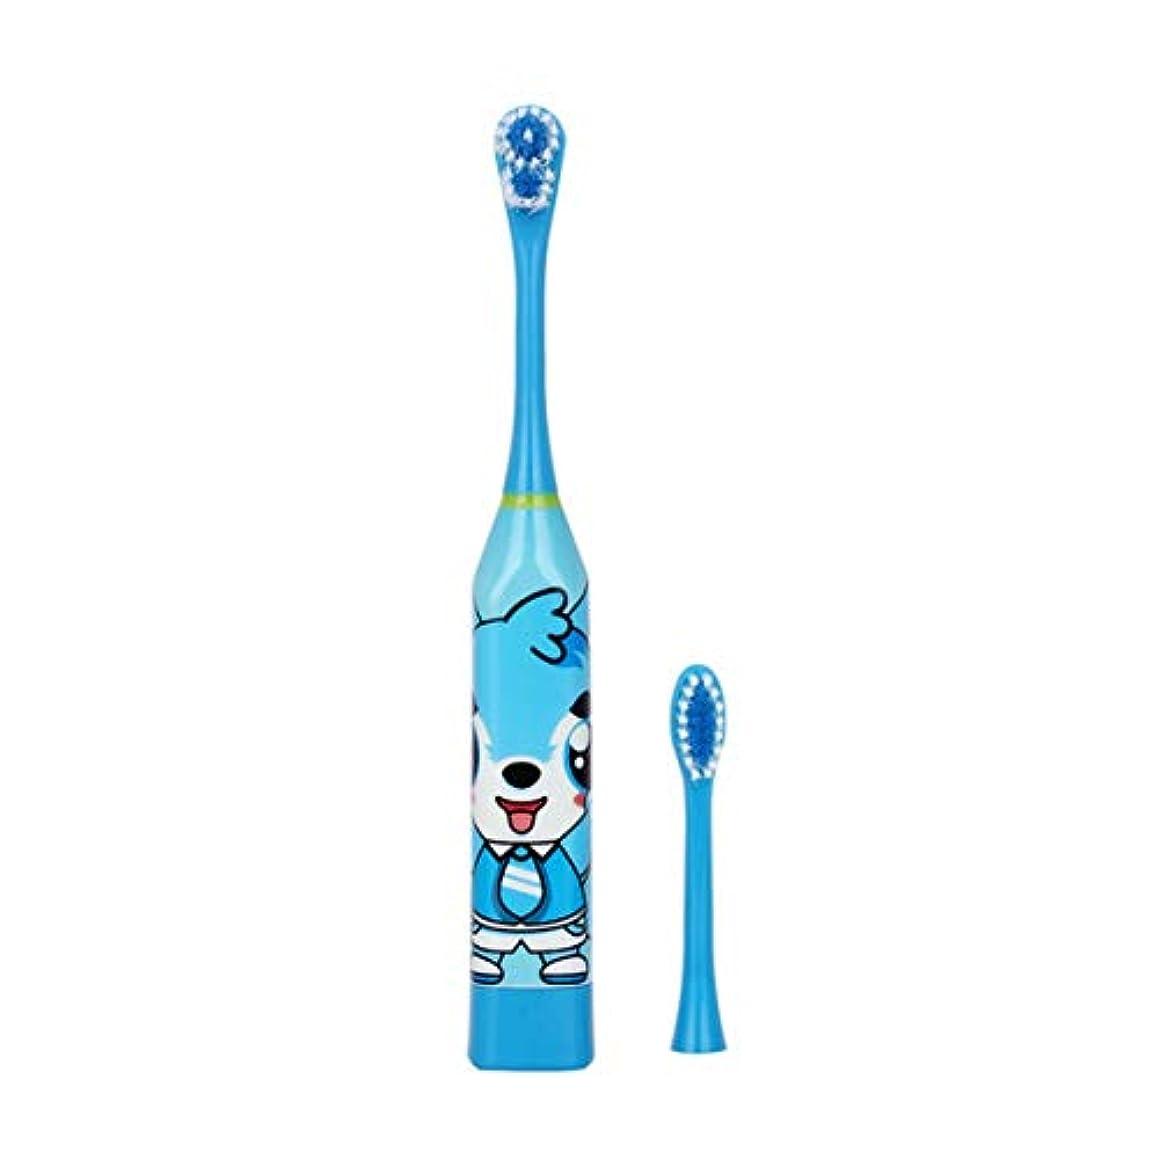 株式フォーマット退院Intercoreyかわいいデザイン子供電動歯ブラシ漫画パターン両面歯ブラシヘッド電動歯ブラシ子供用